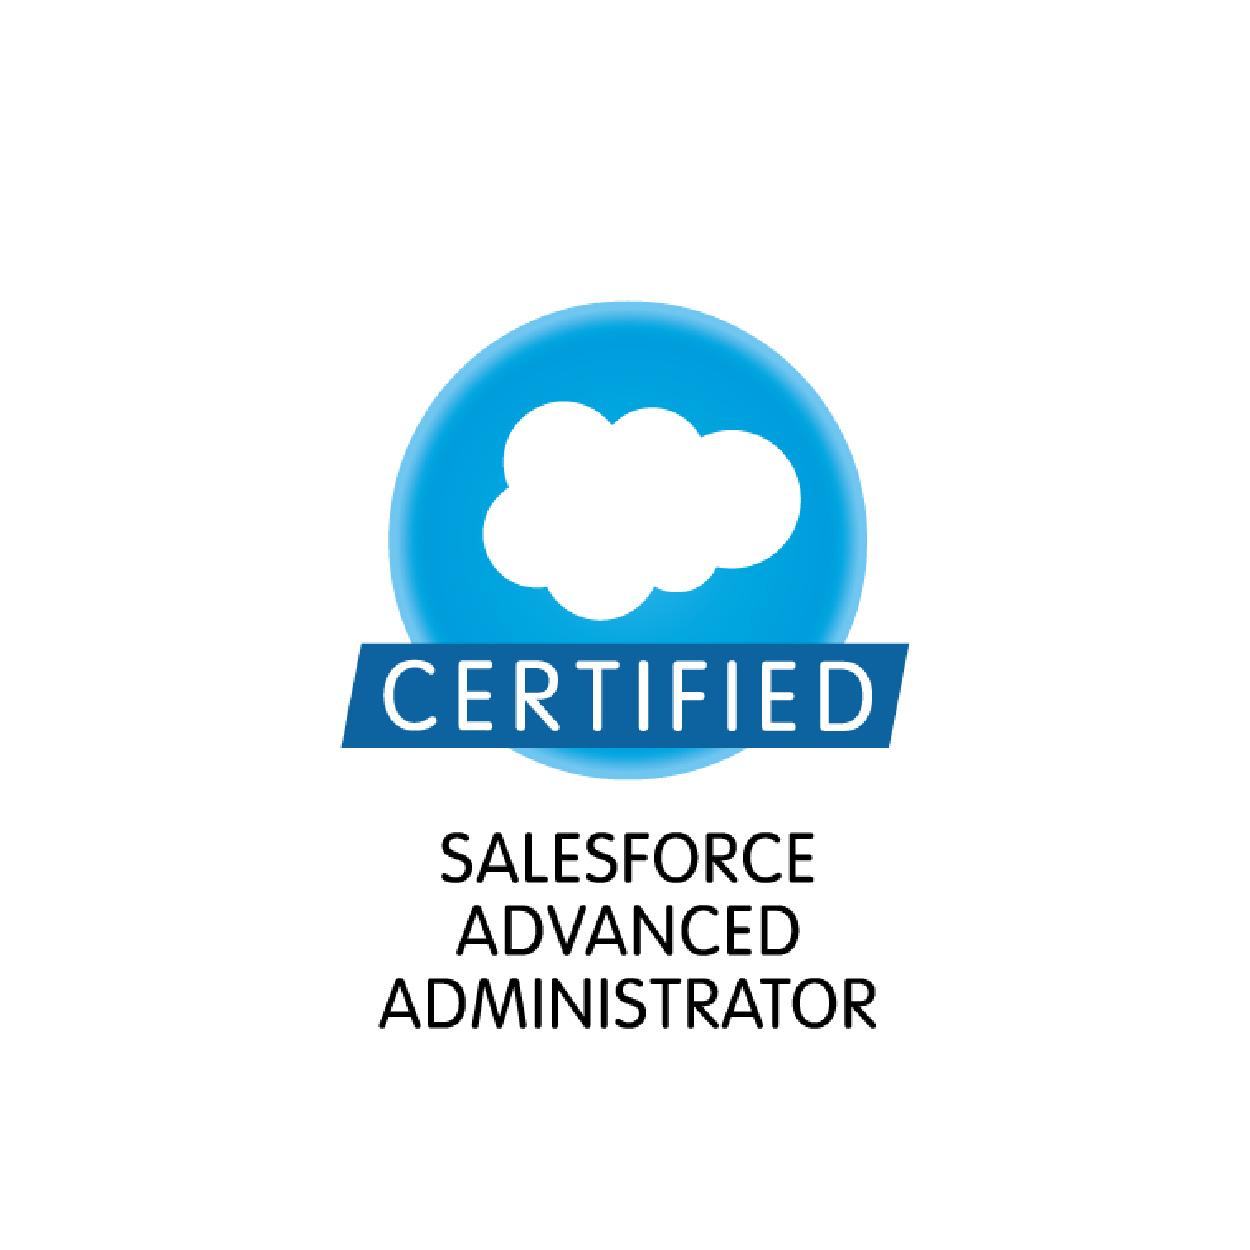 salesforce_certified-09.jpg